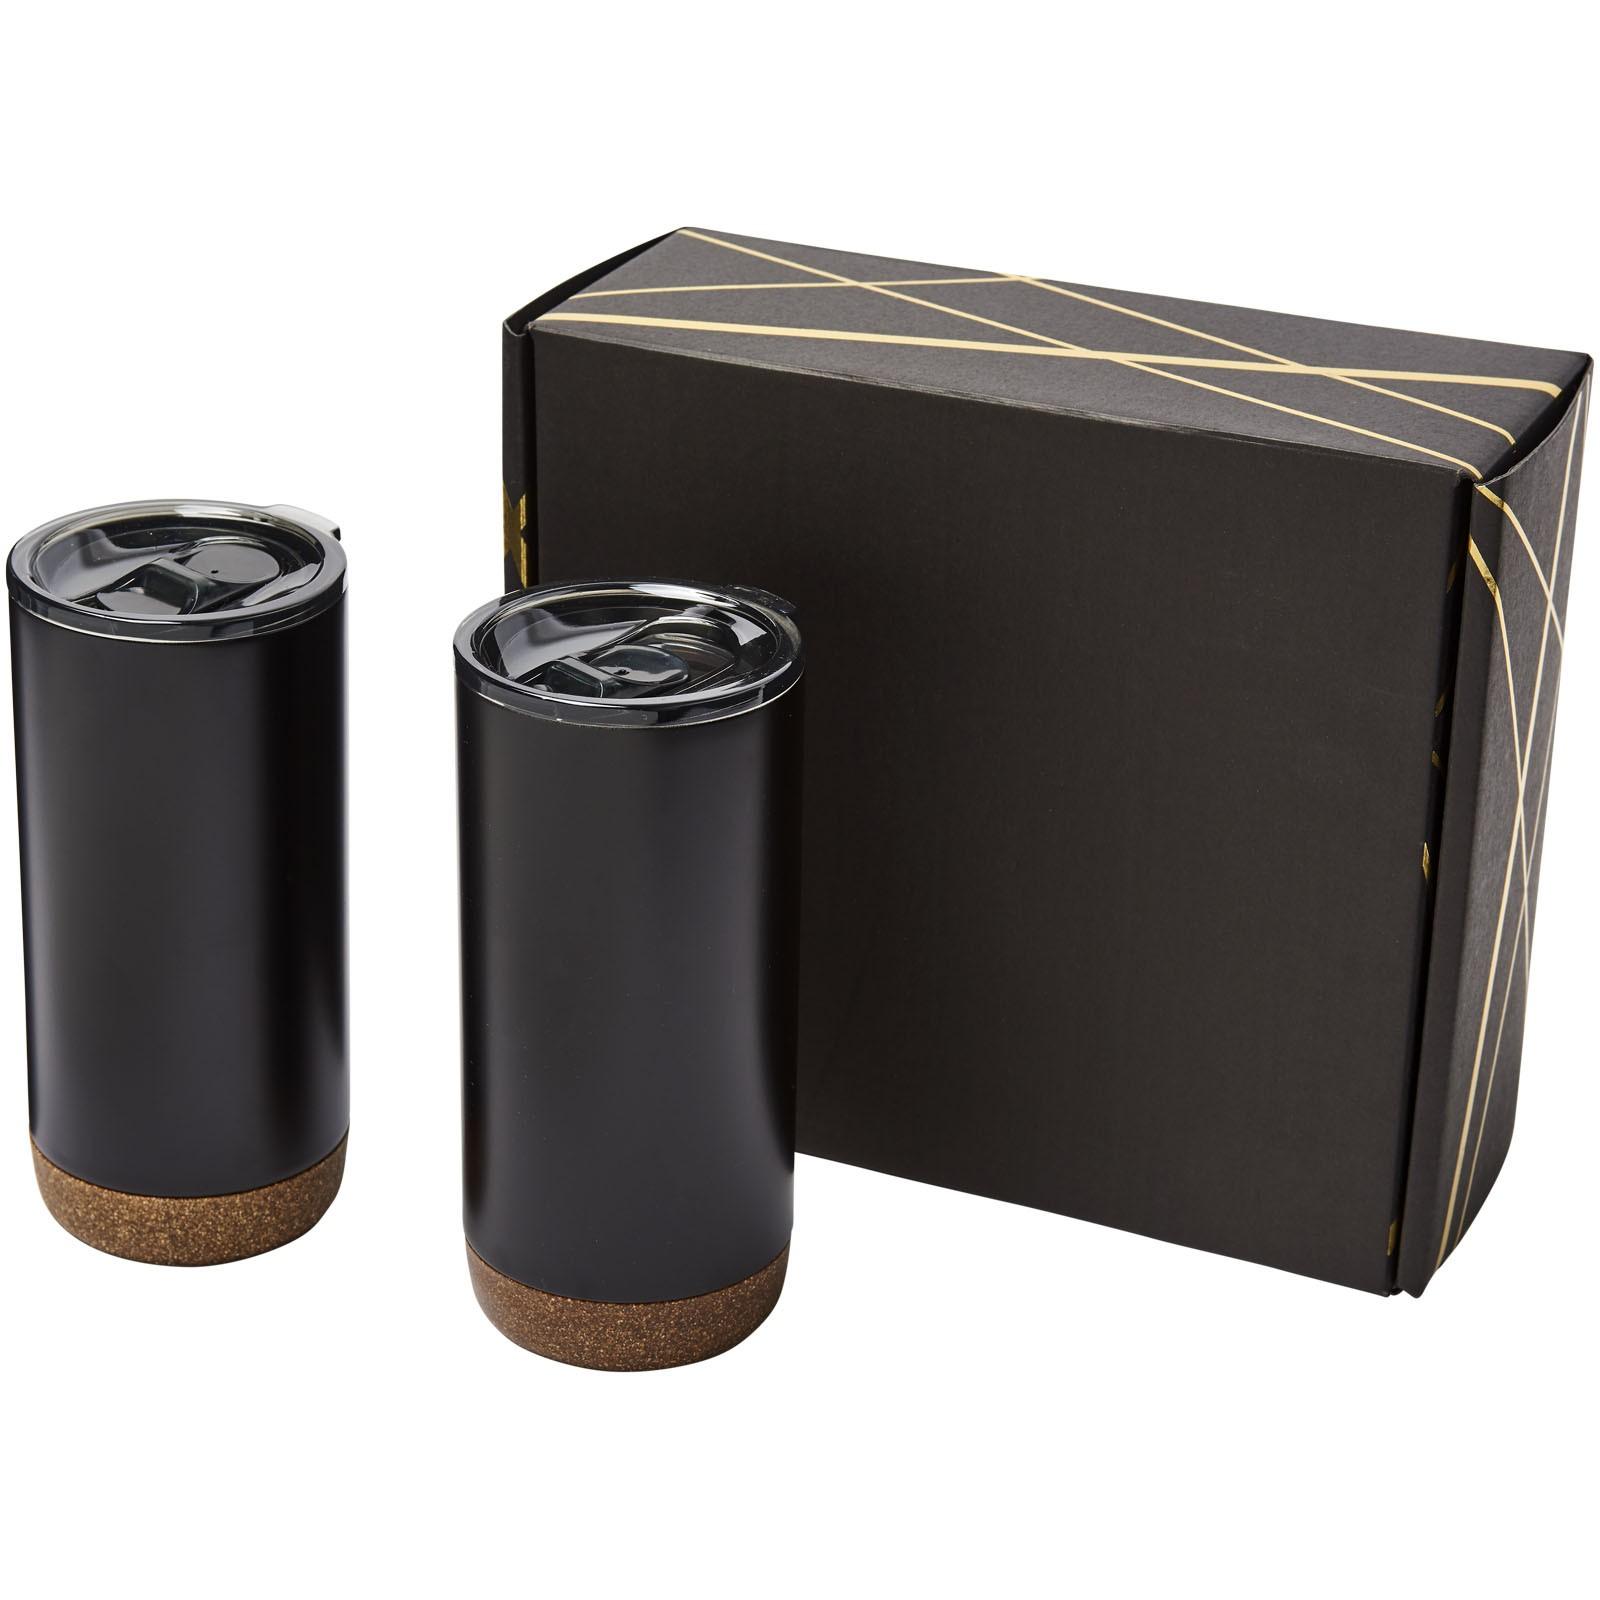 Valhalla vakuumisoliertes Kupfer-Geschenkset - Schwarz